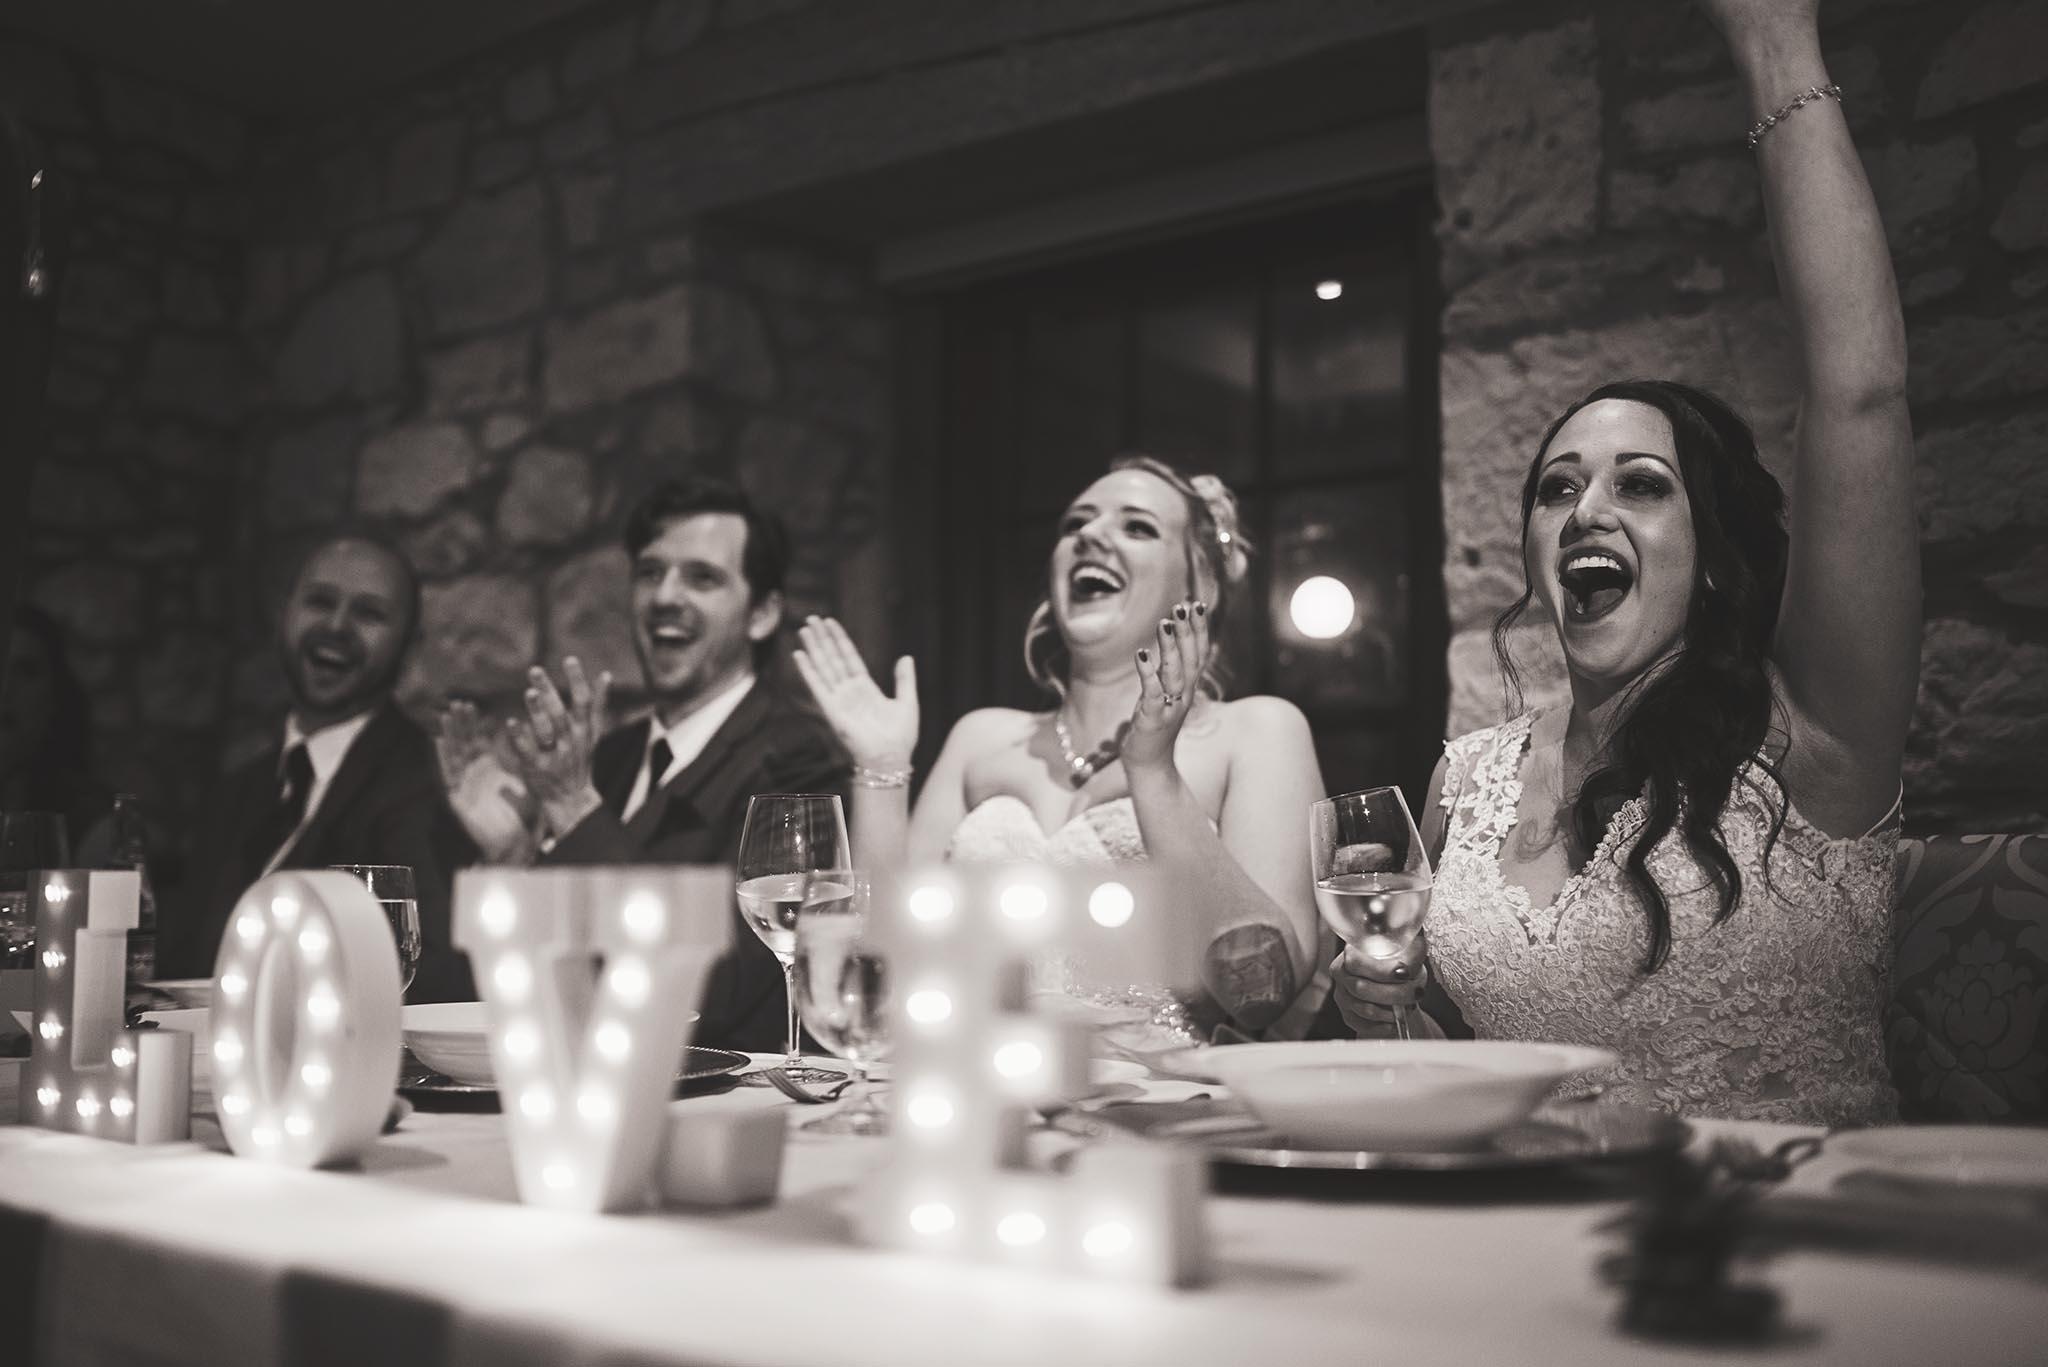 Peter-Bendevis-Photography-Kris-Laura-Cambridge-Mill-Winter-Wedding29